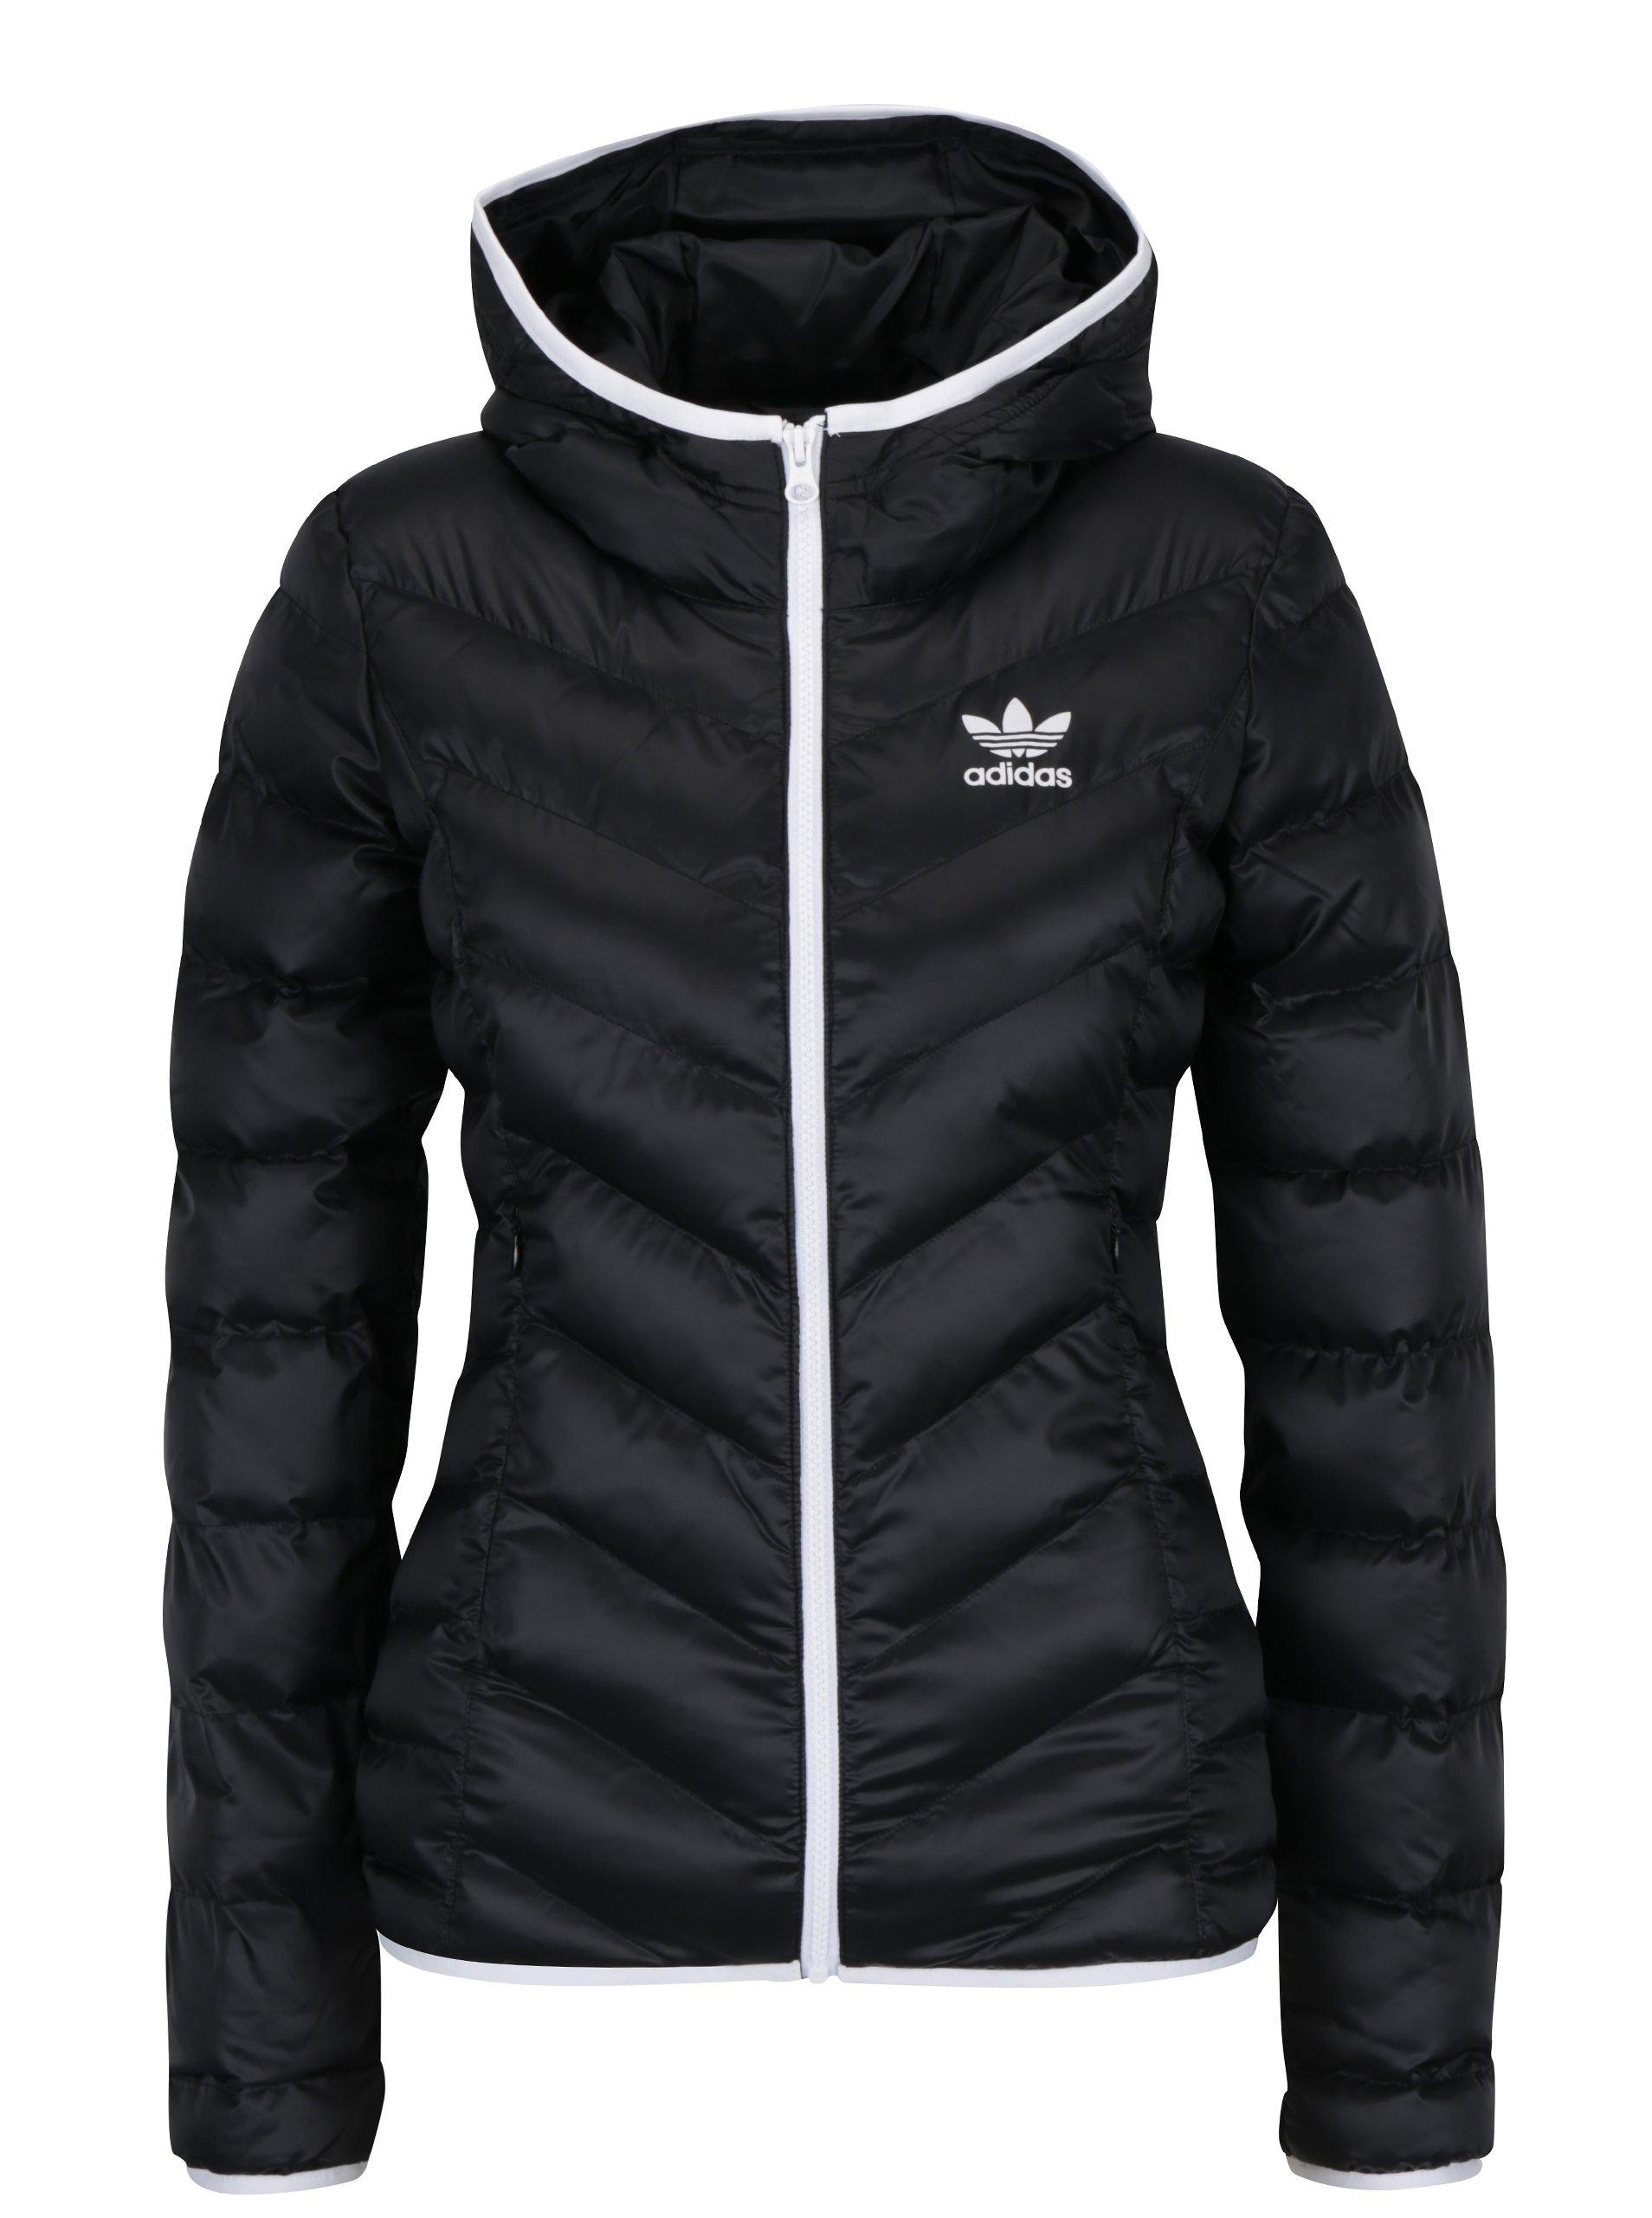 Černá dámská prošívaná bunda s kapucí adidas Originals BS5025